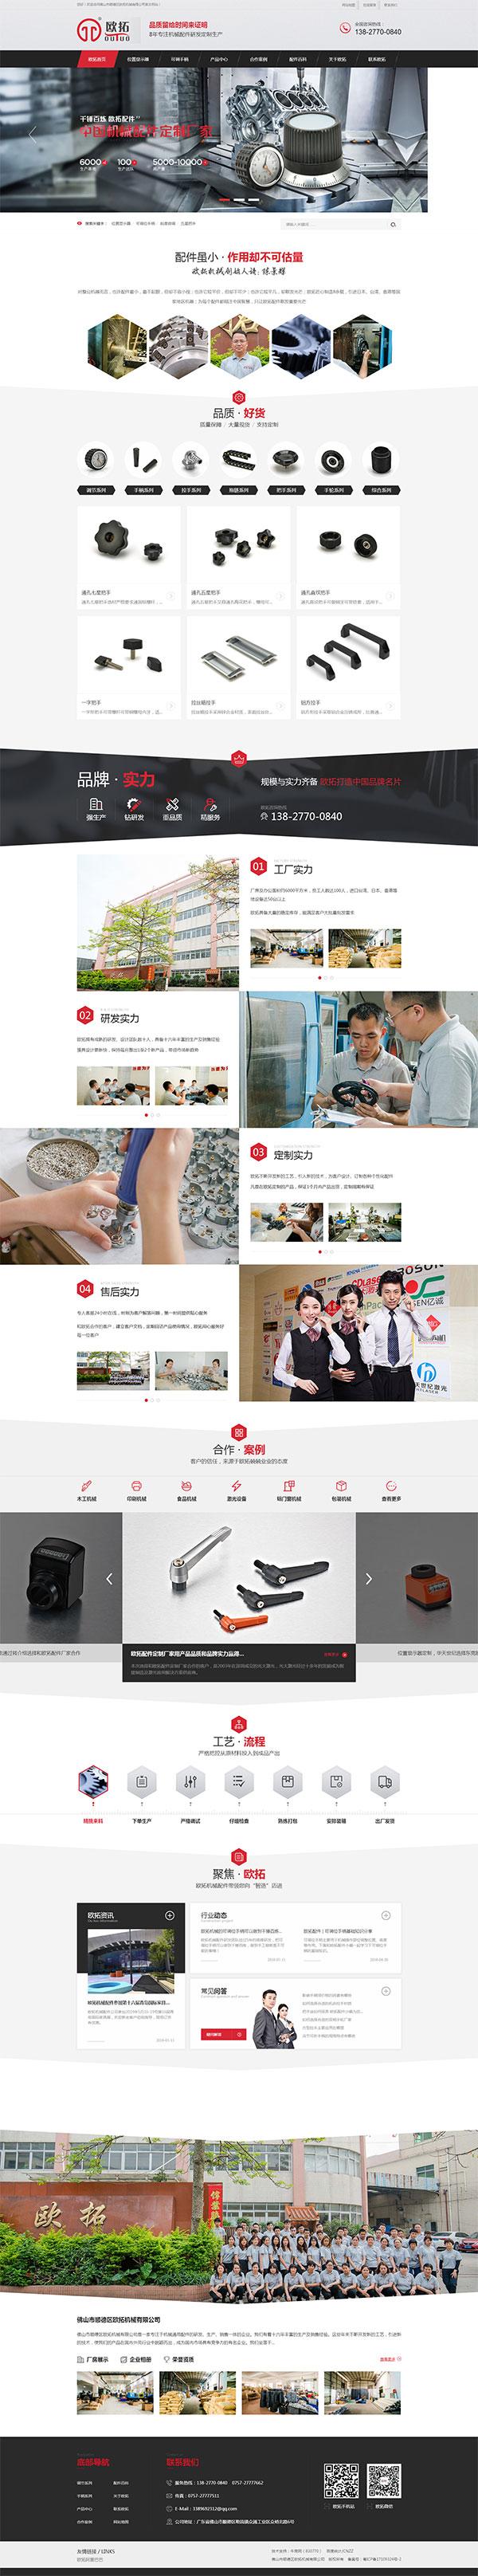 欧拓机械配件-营销型网站首页